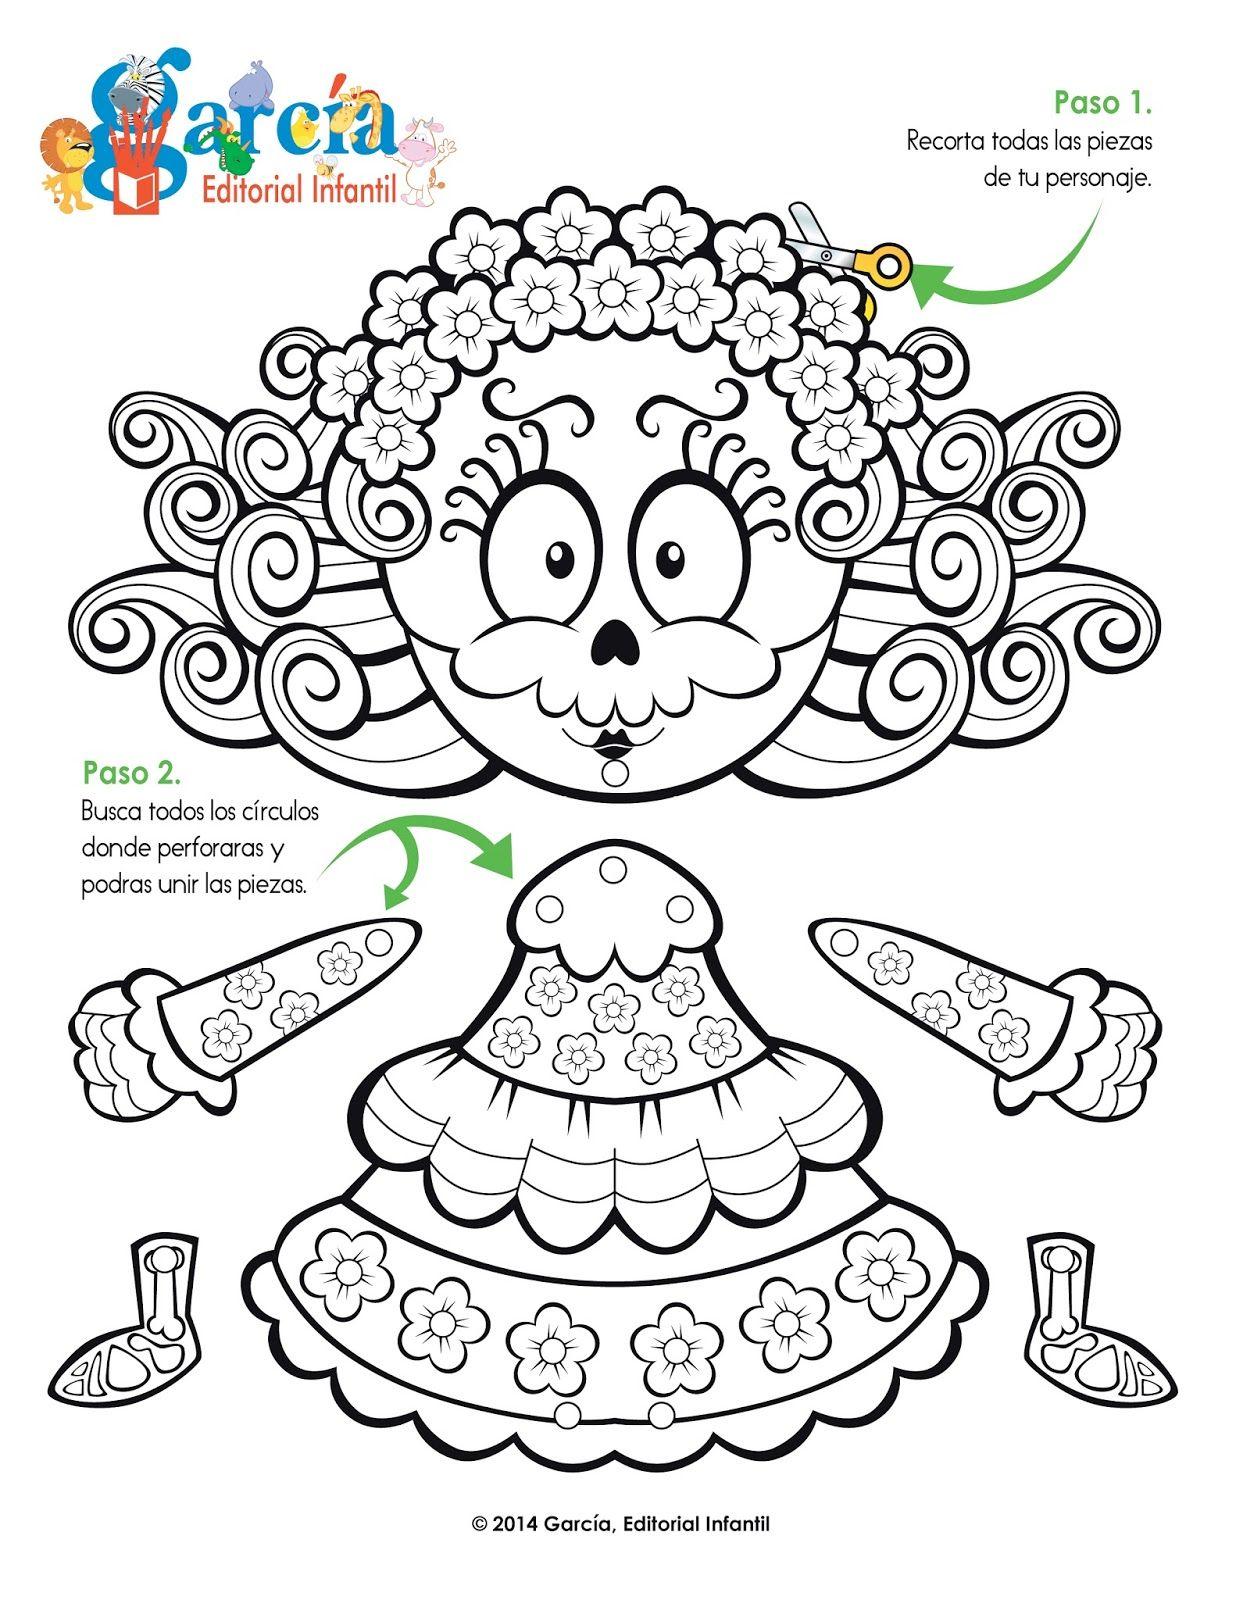 Educación Preescolar La Revista Dos Calaveritas Para Pintar